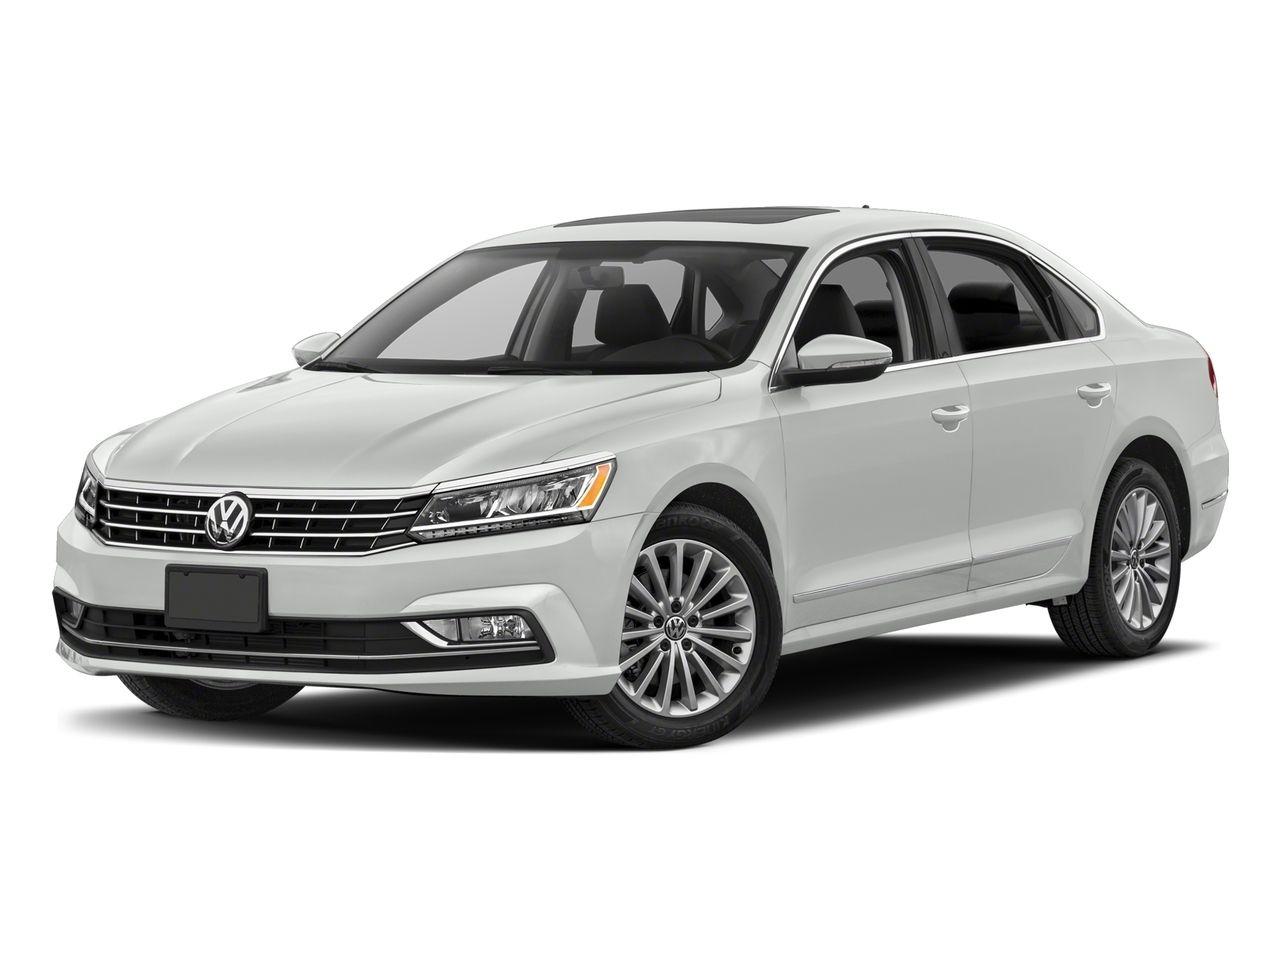 2018 Volkswagen Passat Image